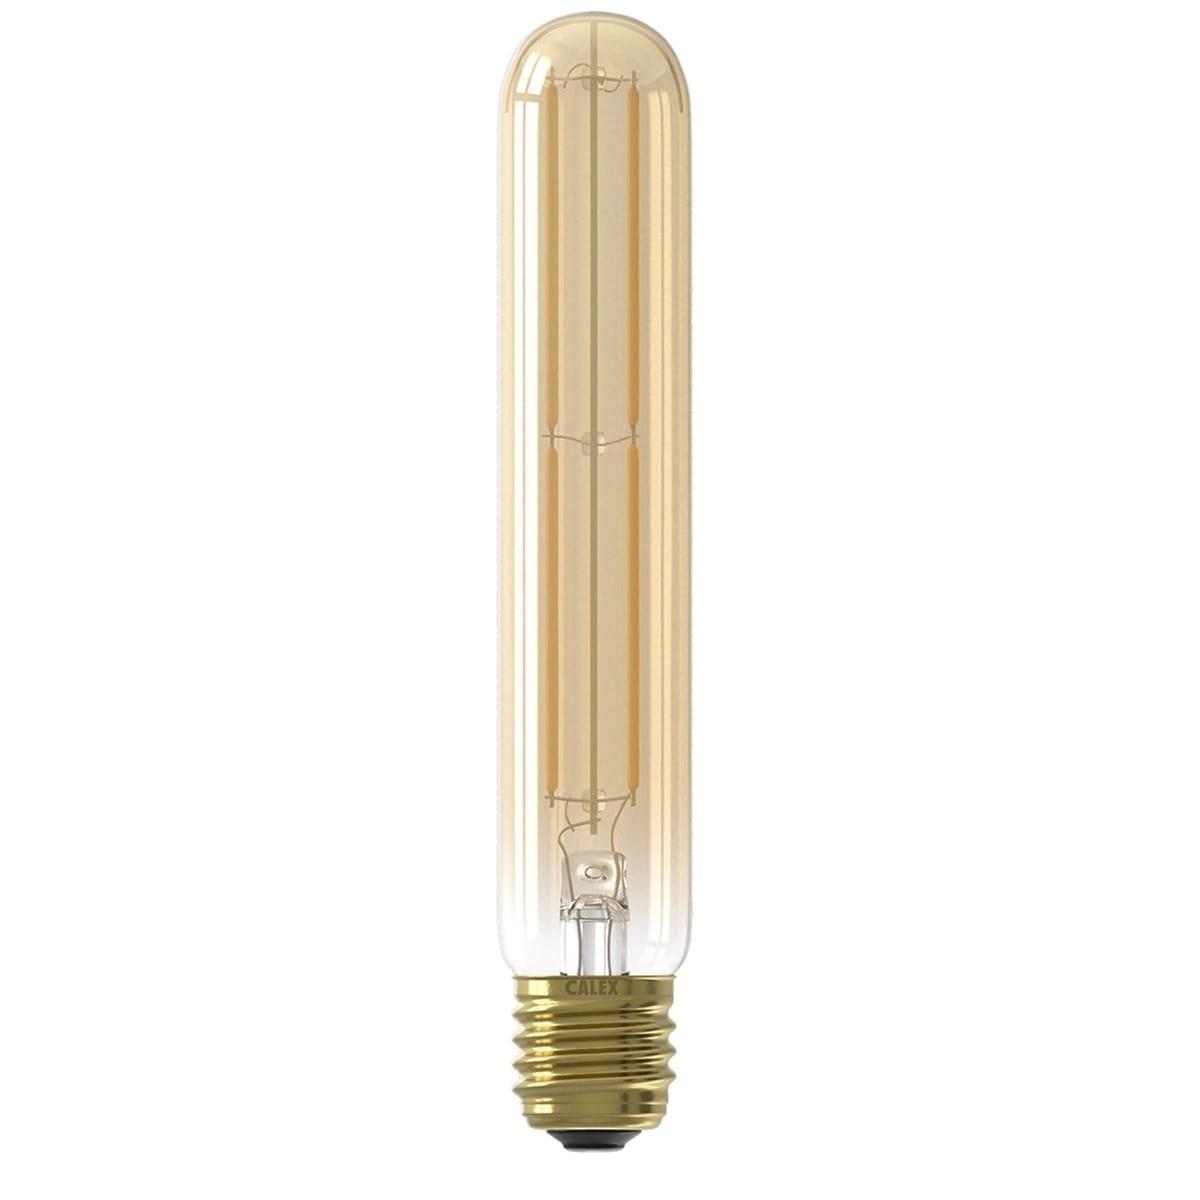 Außenbeleuchtung Lichtquellen Led röhrenlampe filament Tube Gold - 4W